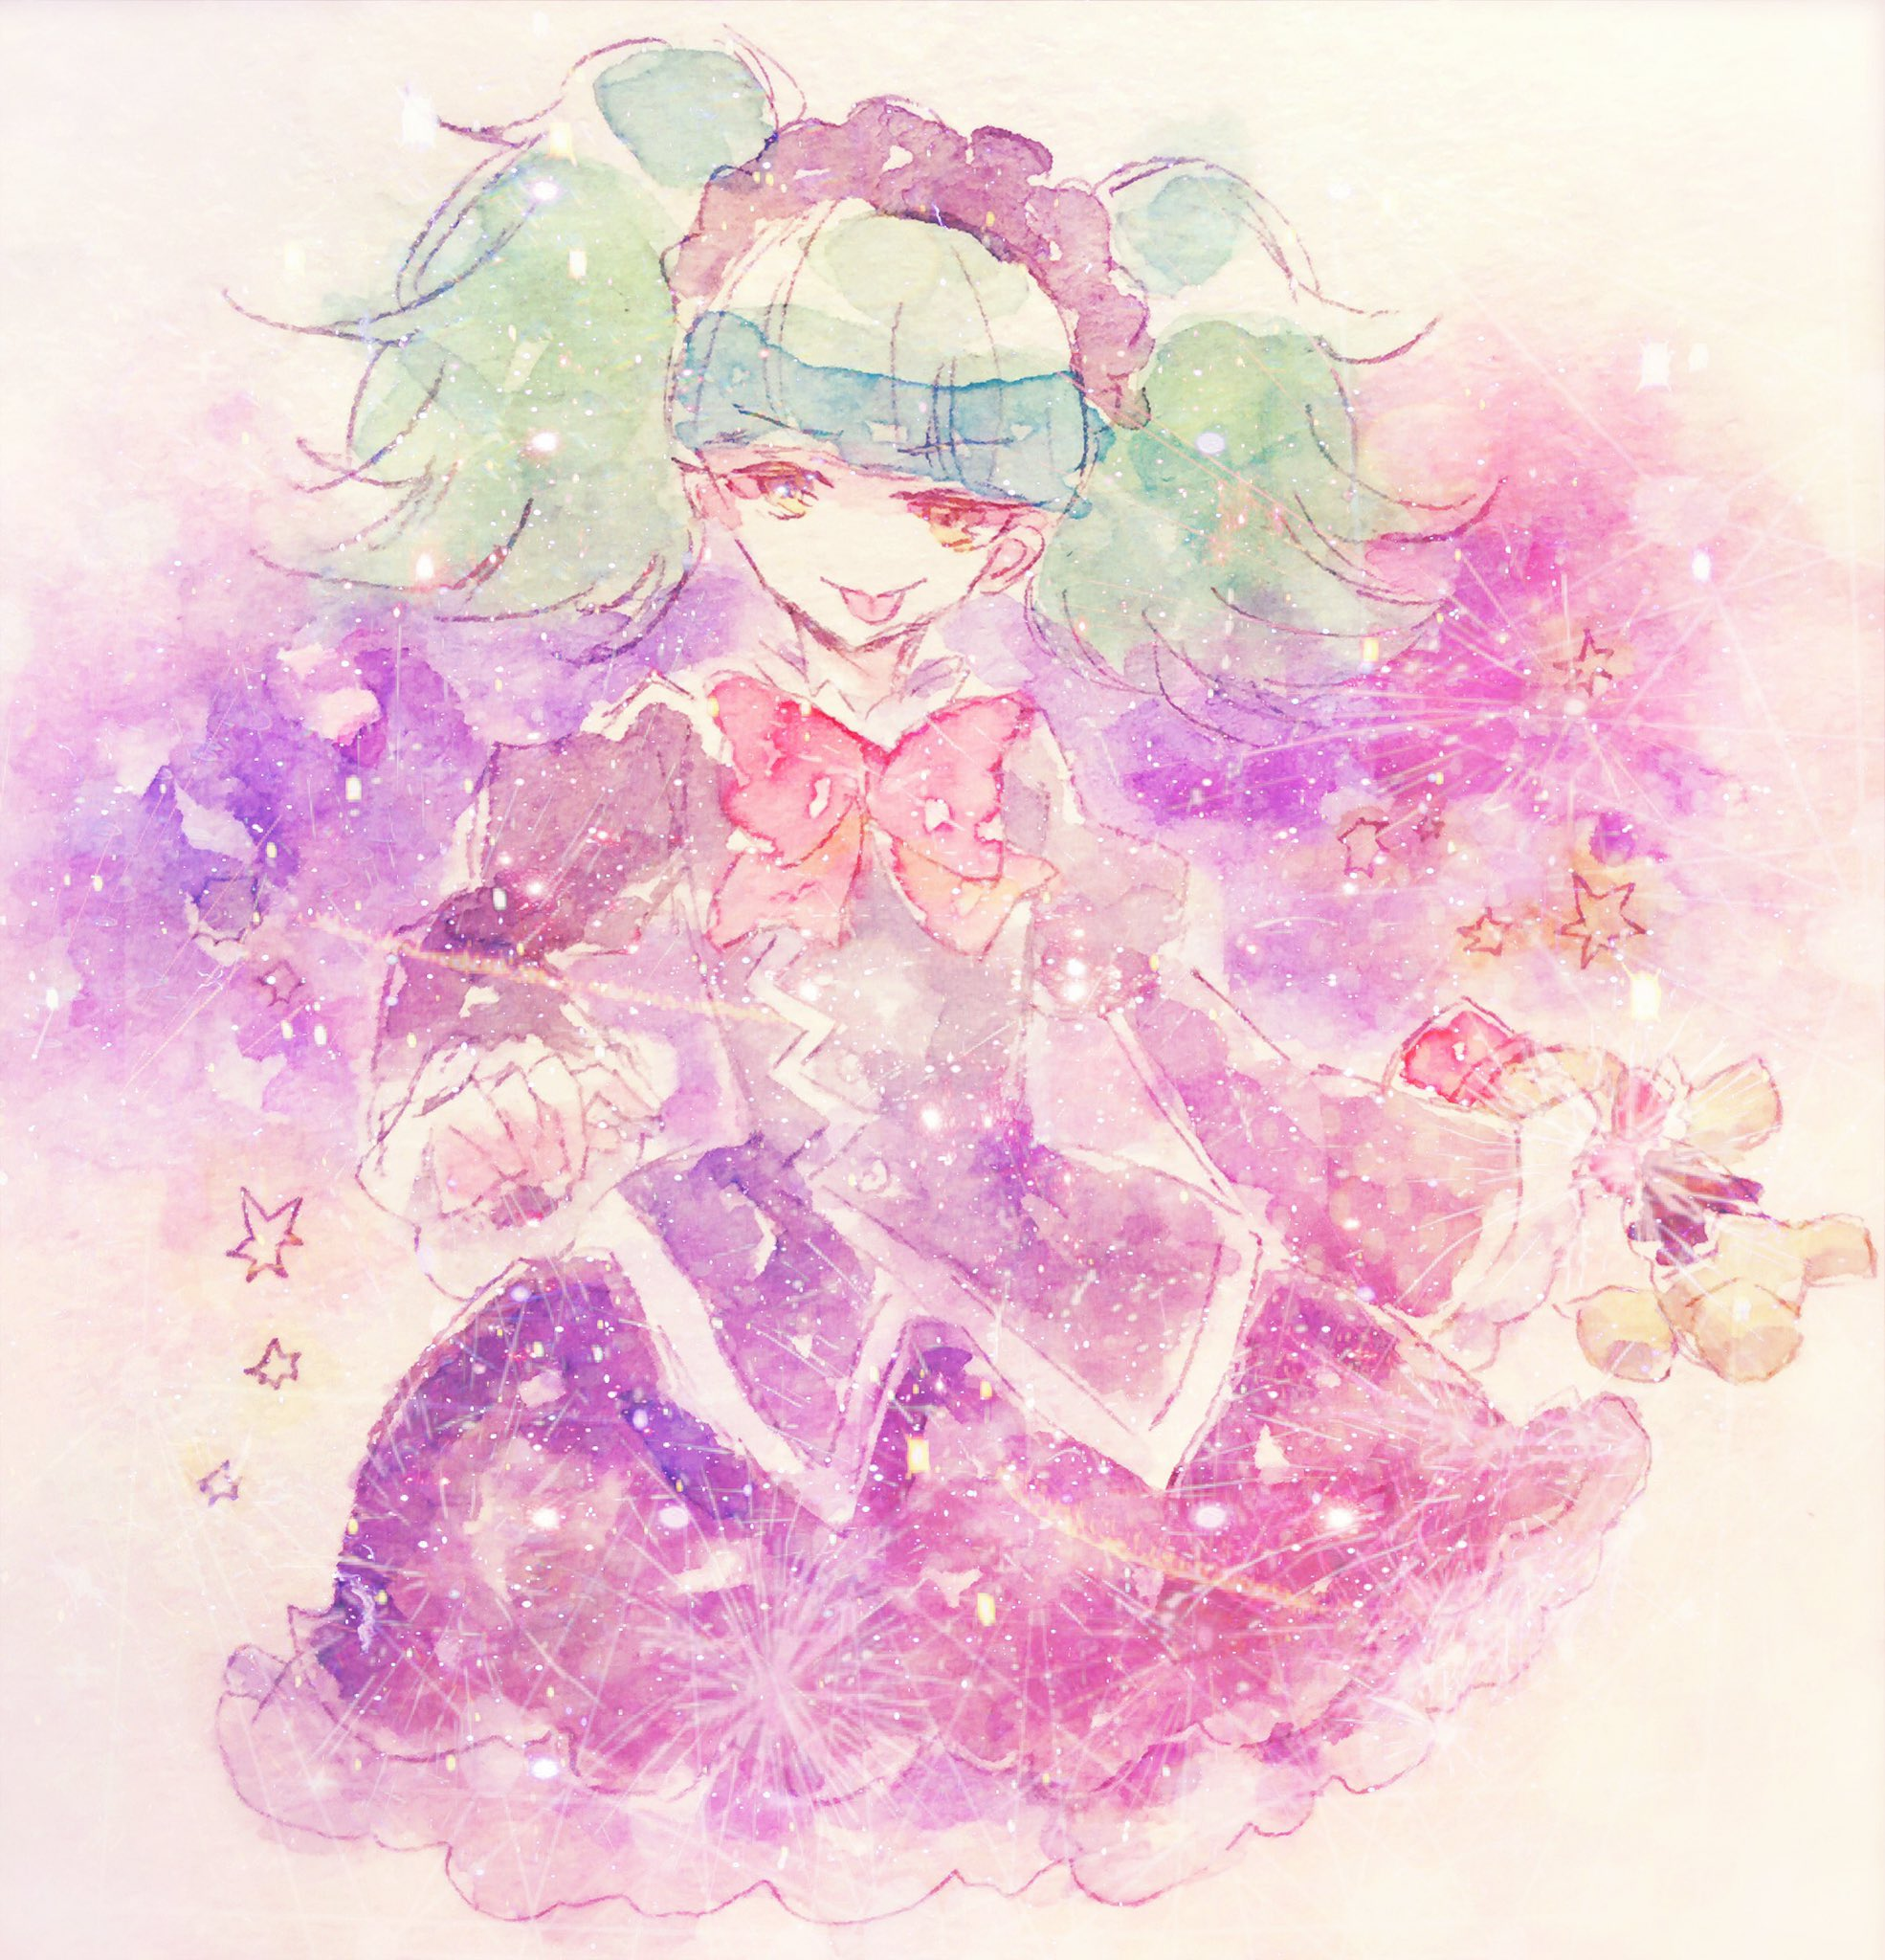 しーせん (@mainichiemuiyo)さんのイラスト